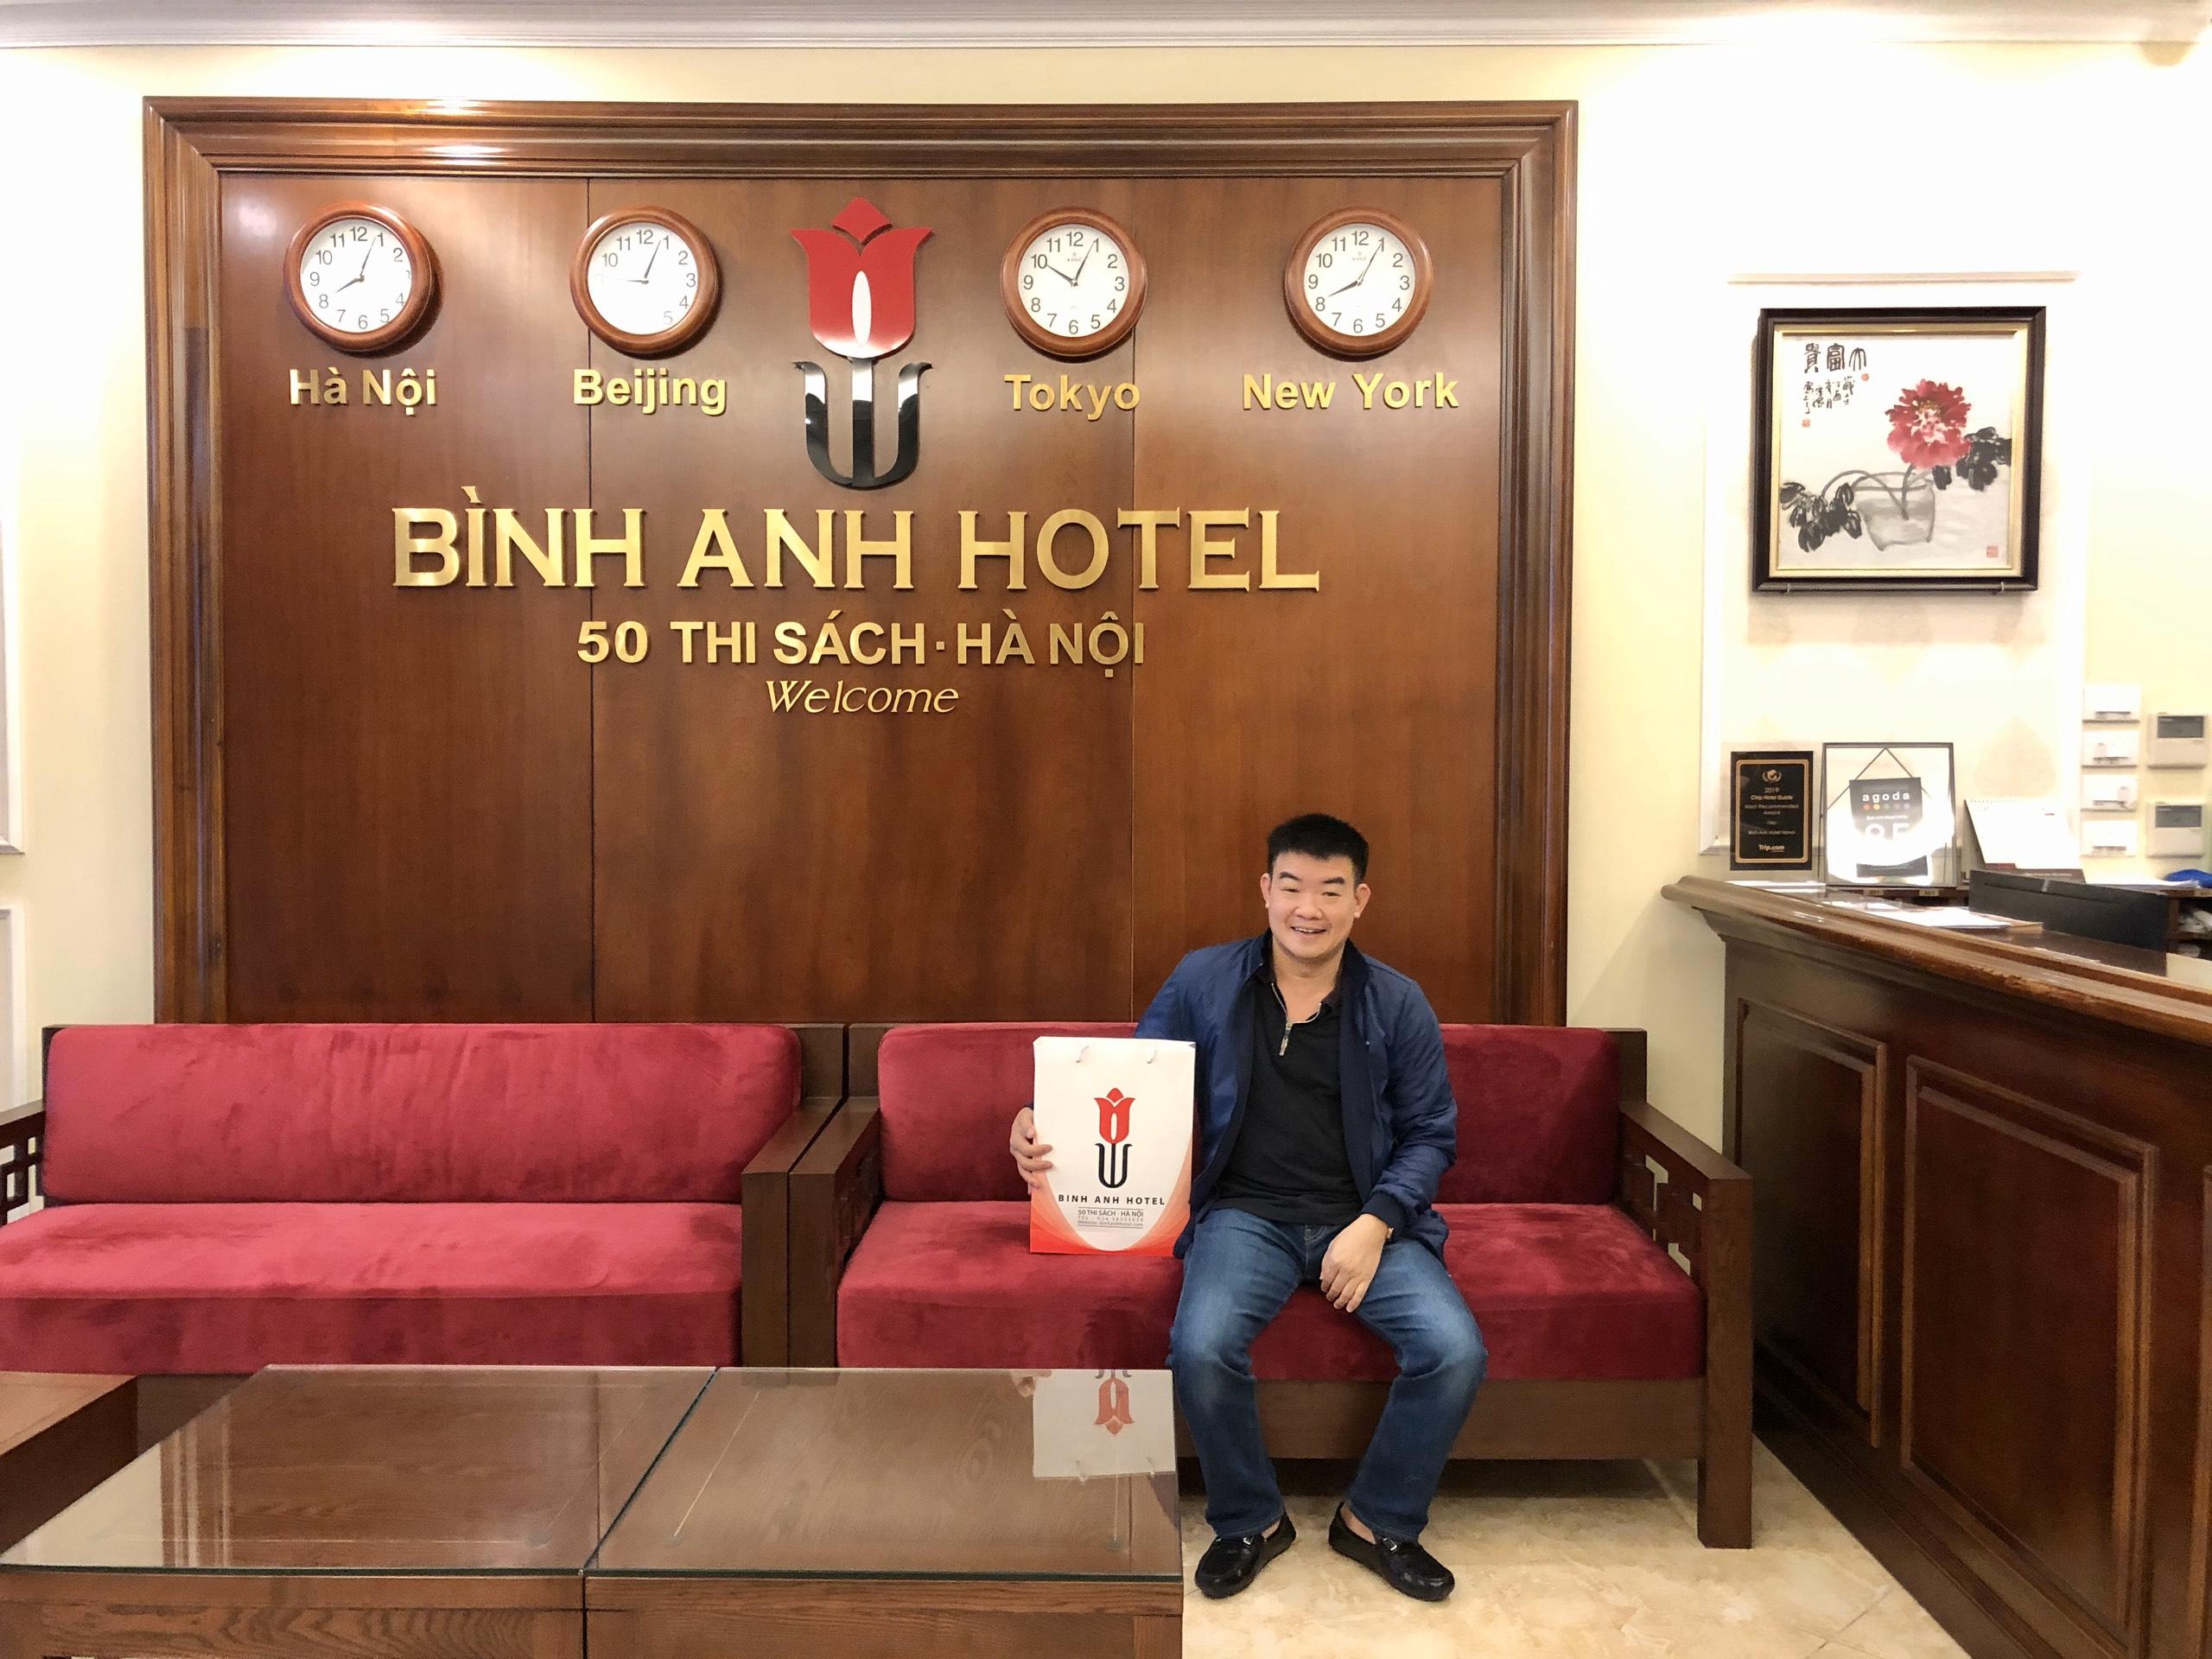 <p>Khách sạn rất sạch sẽ, cảm giác yên tâm sau dịch bệnh</p>